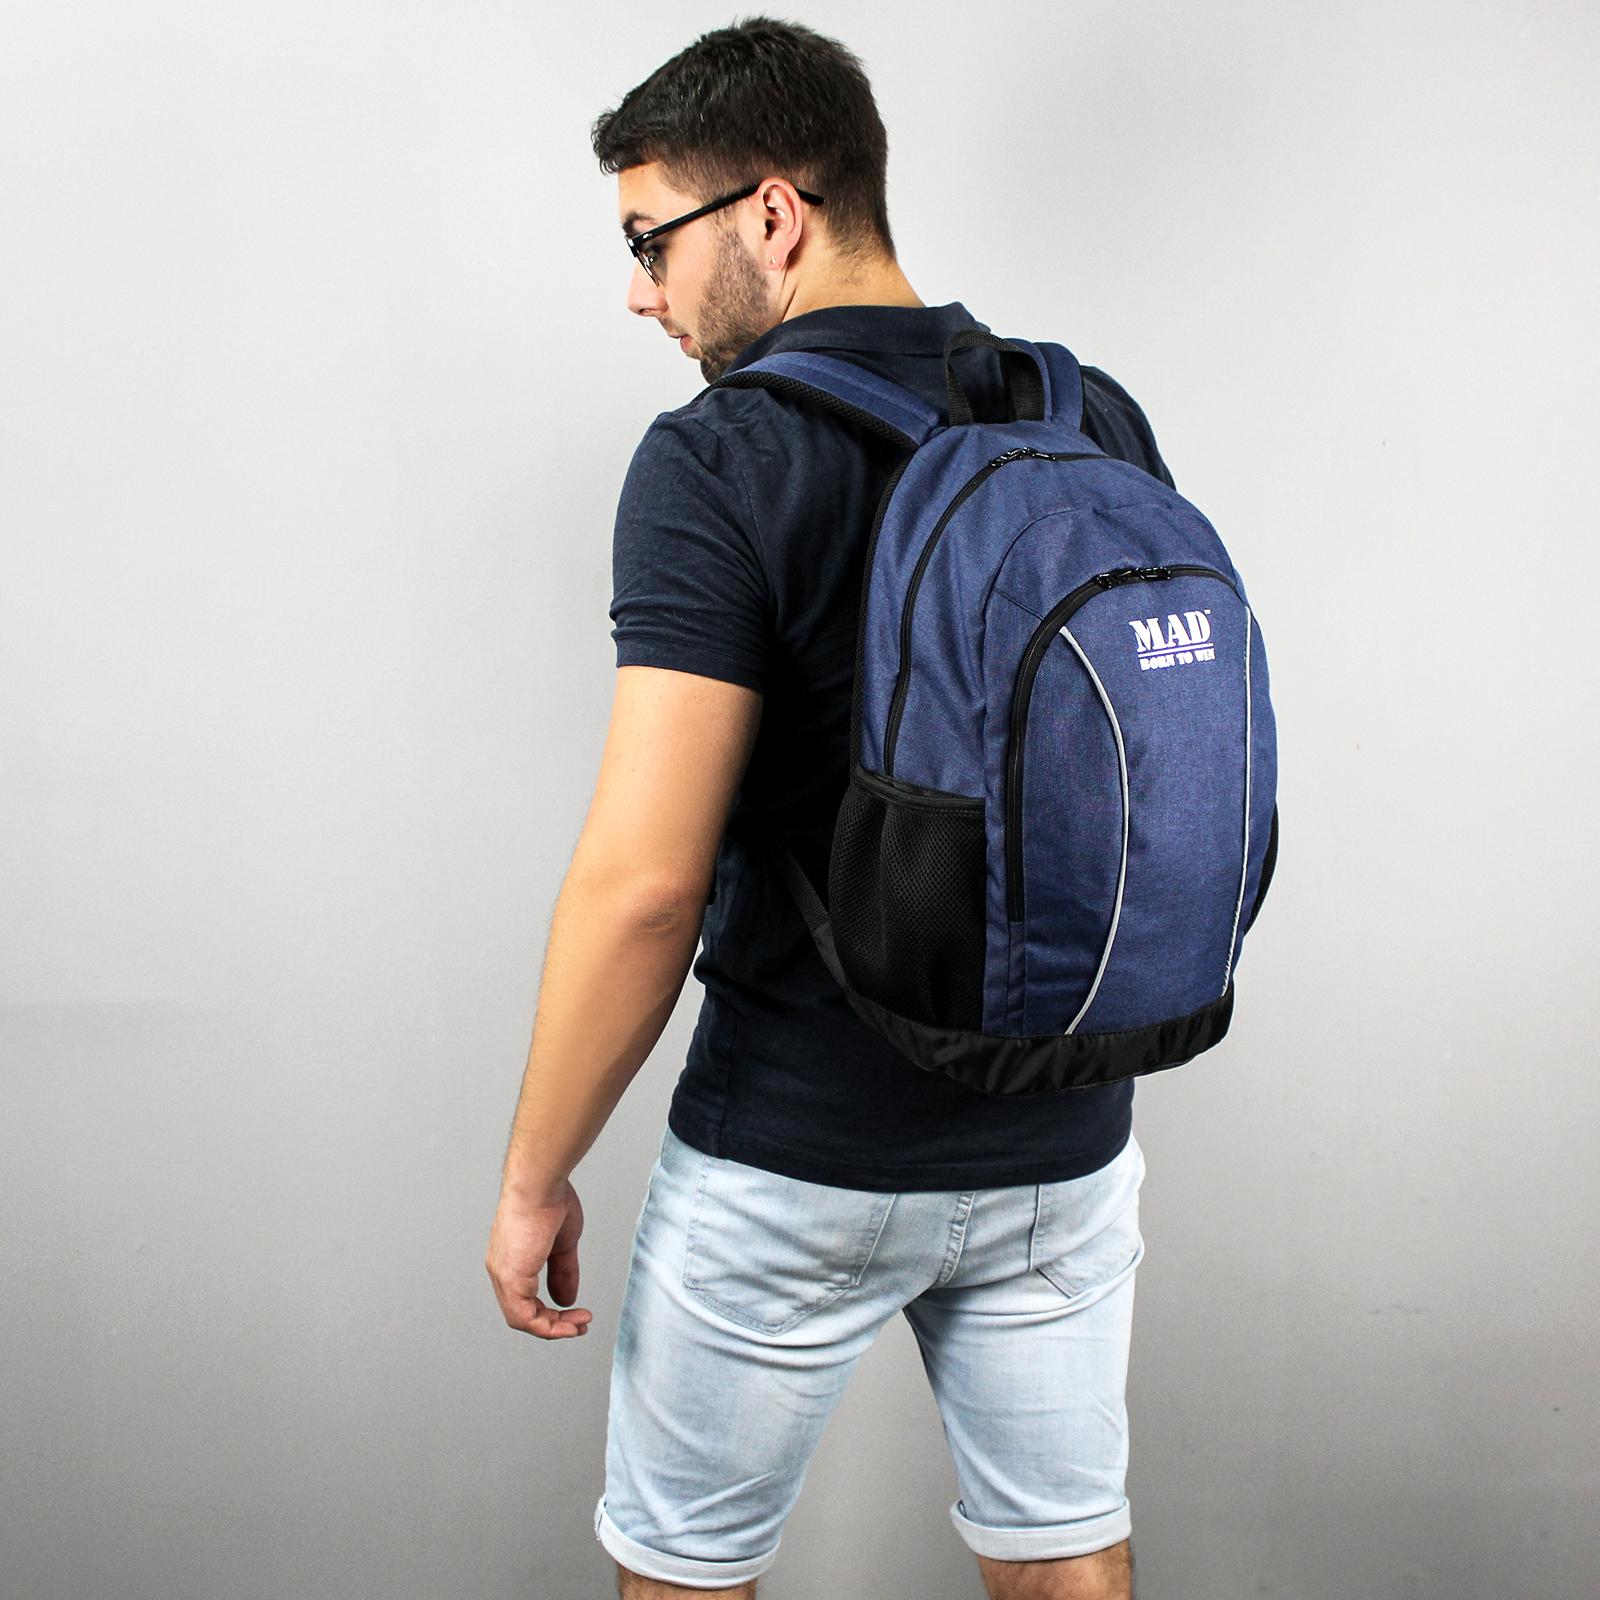 городские рюкзаки купить,городской рюкзак цена, городские рюкзаки украина,міський рюкзак,молодежный школьный рюкзак